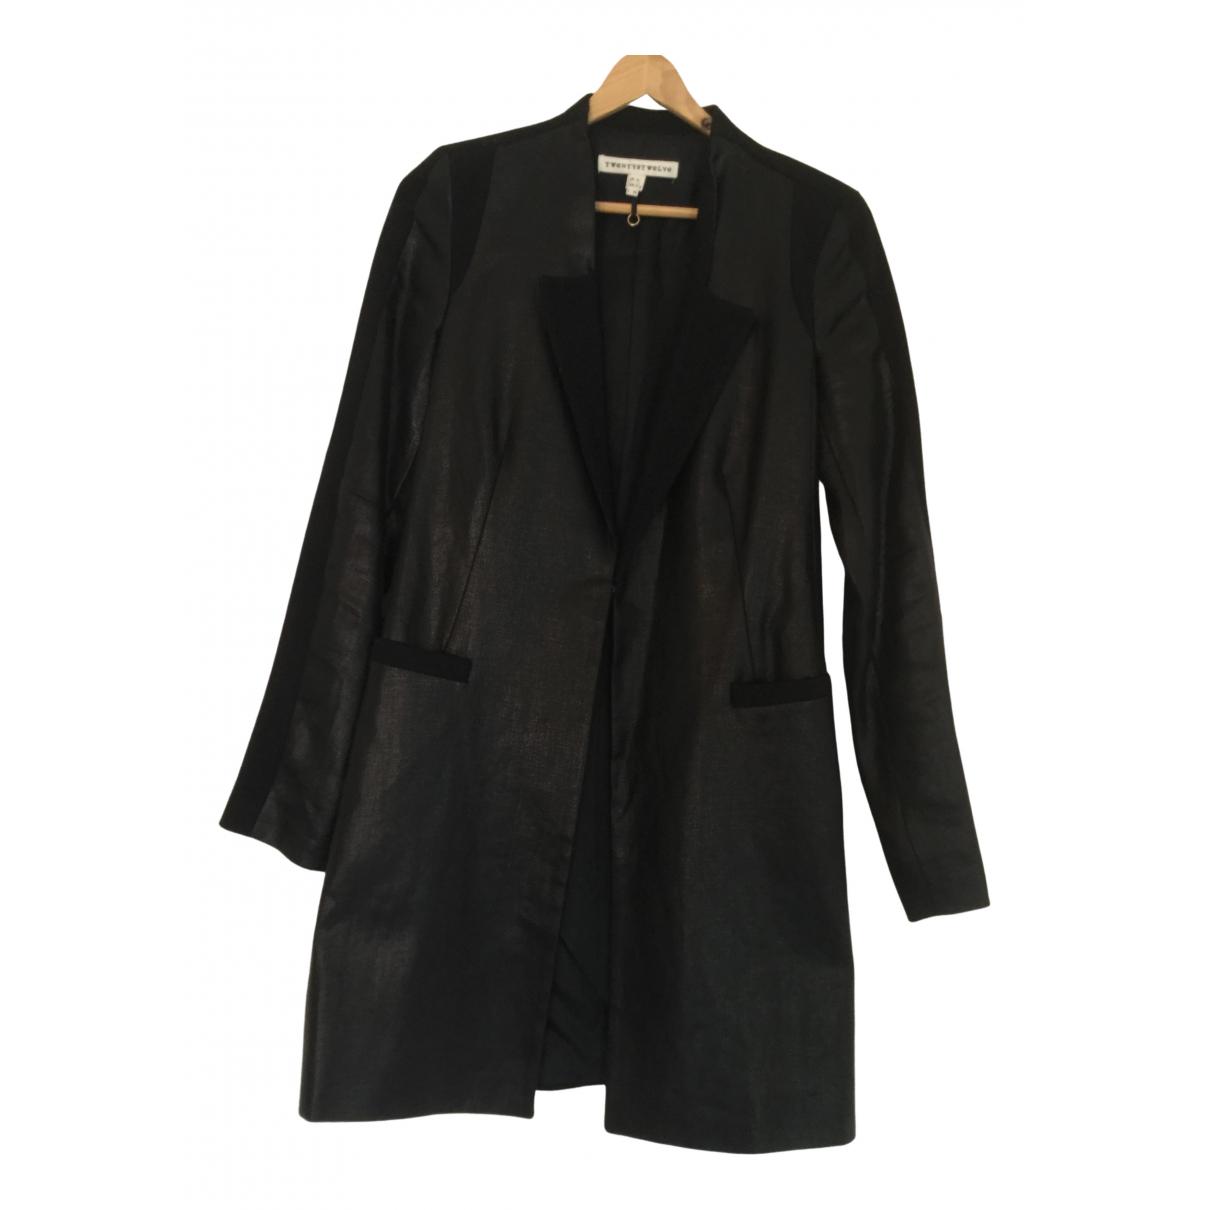 Twenty8twelve By S.miller - Veste   pour femme en laine - noir